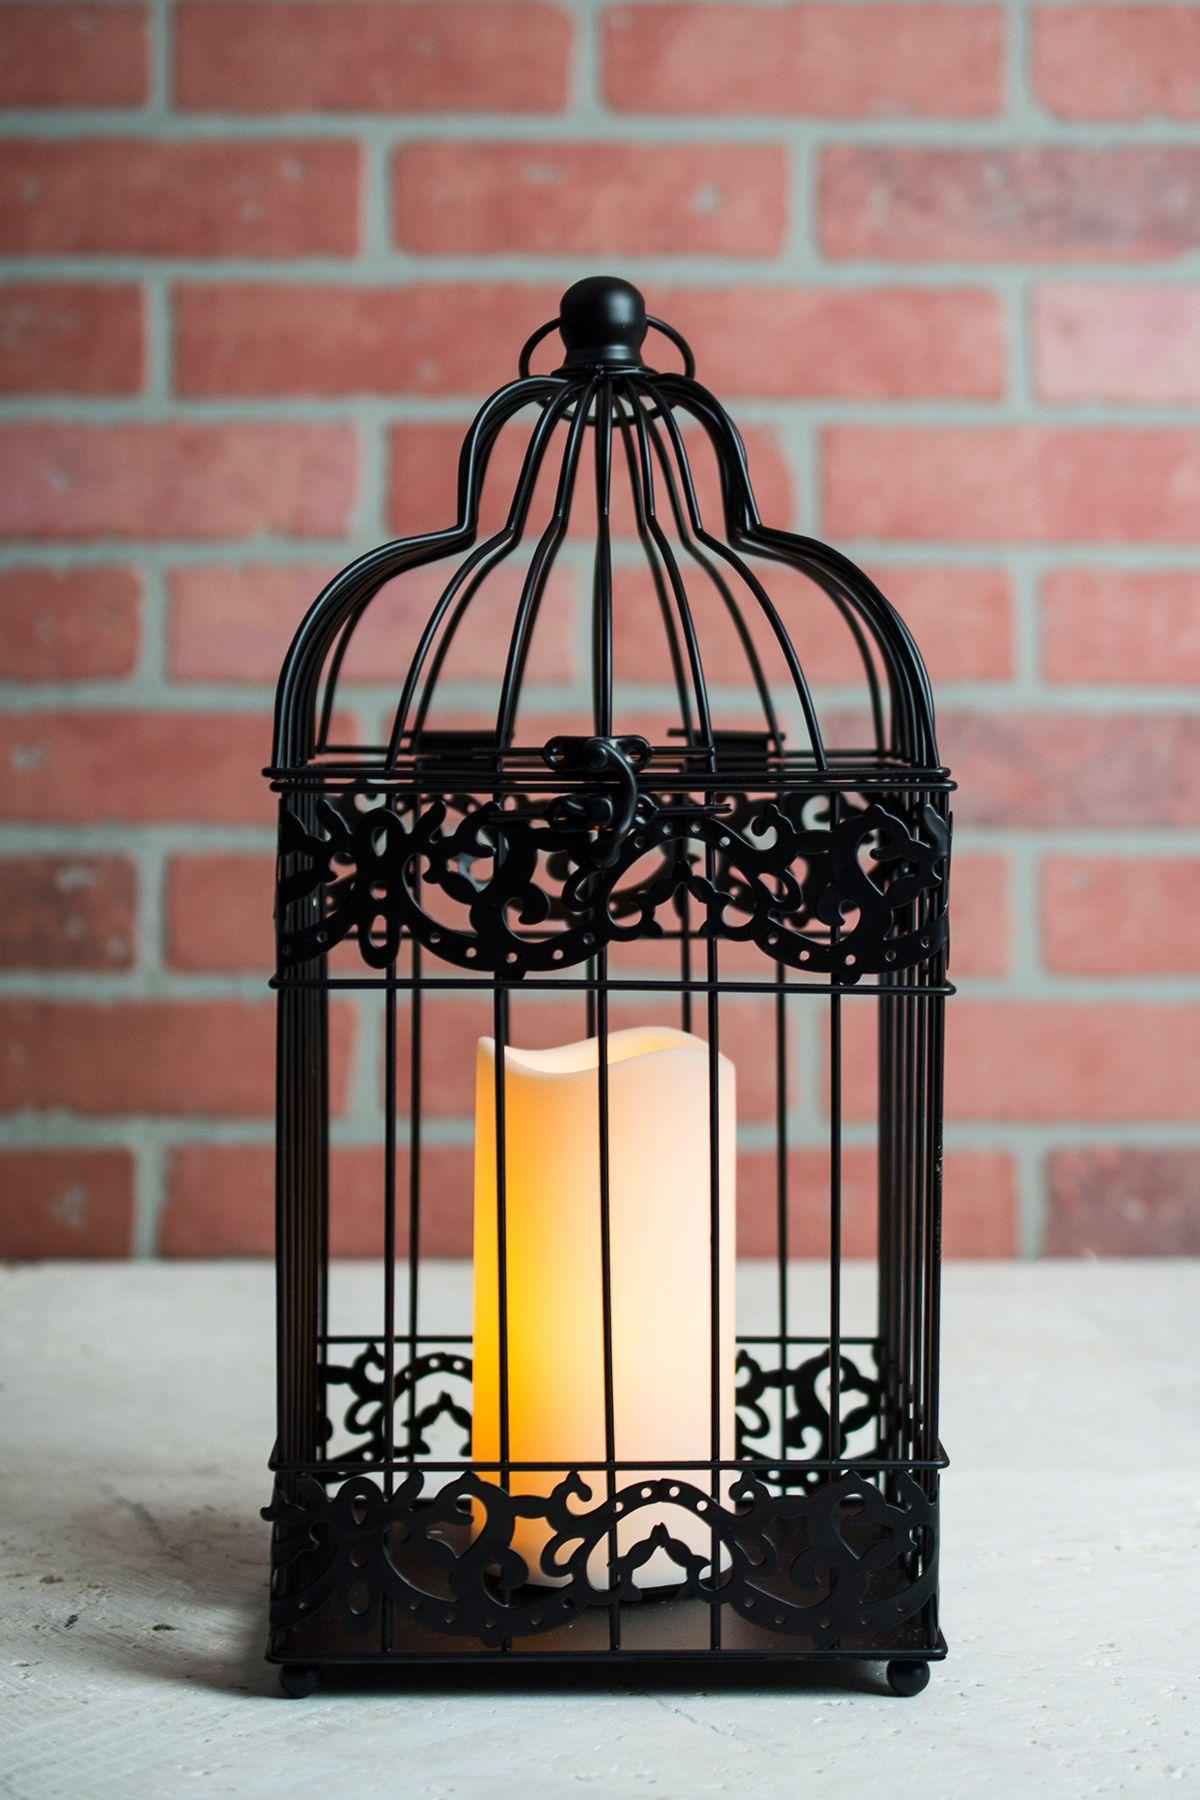 Black Bird Cage Candle Lantern Battery Operated 15in Lanterns Make A Great Cente Linternas De Velas Decoracion De Jaula Centros De Mesa Con Jaulas Decorativas